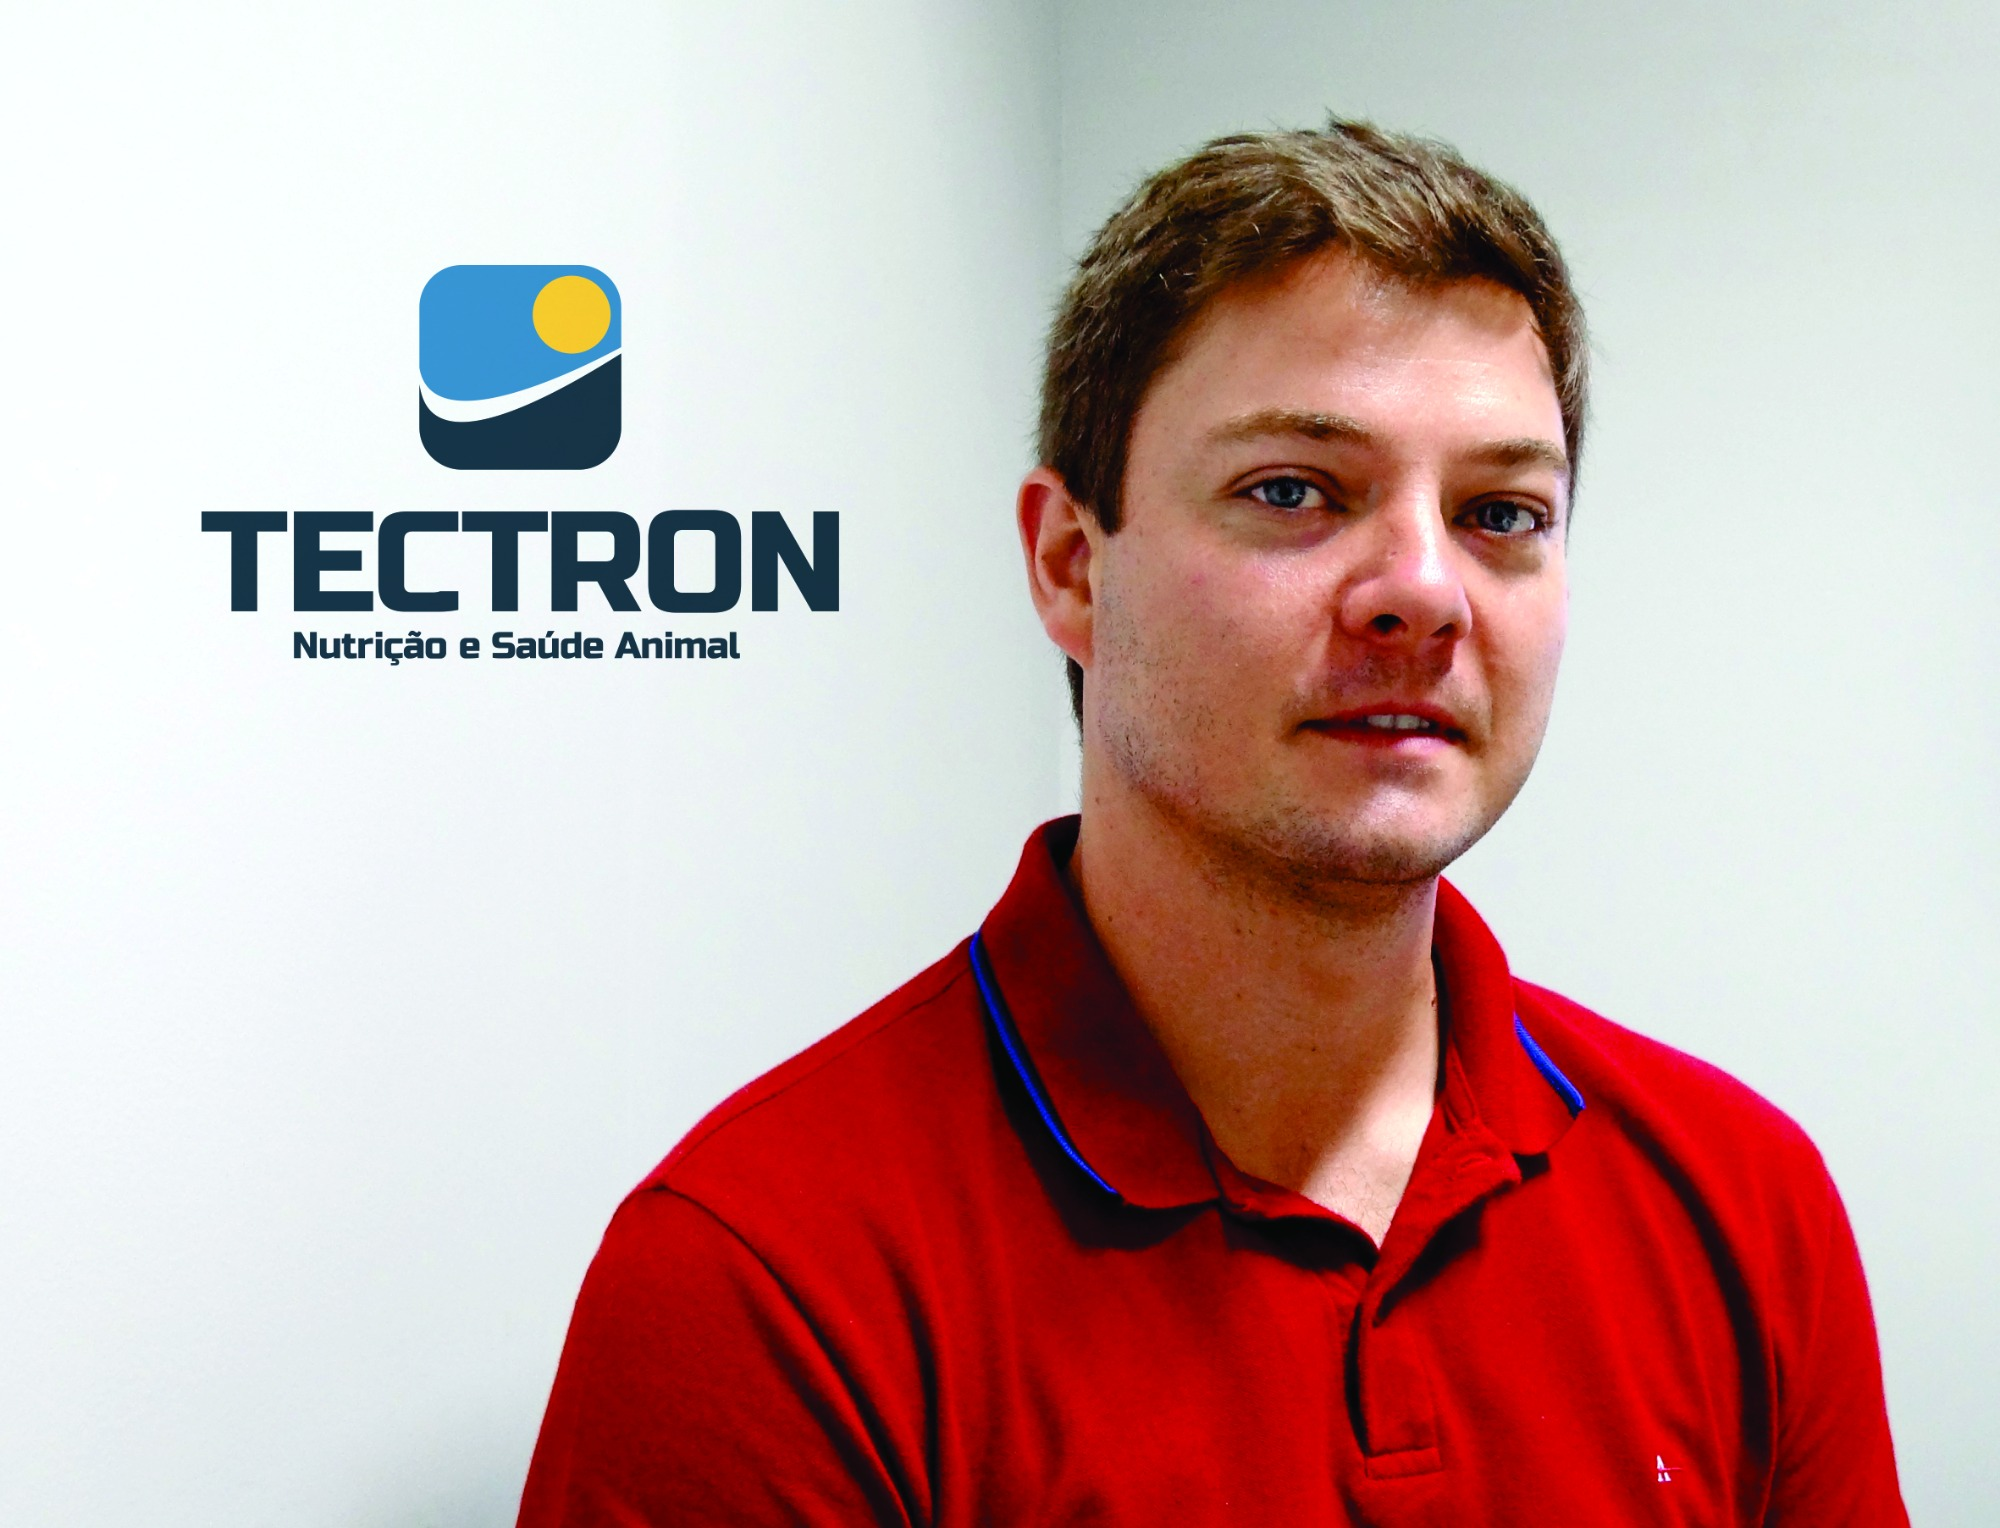 Darci Elias Furlan é o novo coordenador técnico comercial da Tectron